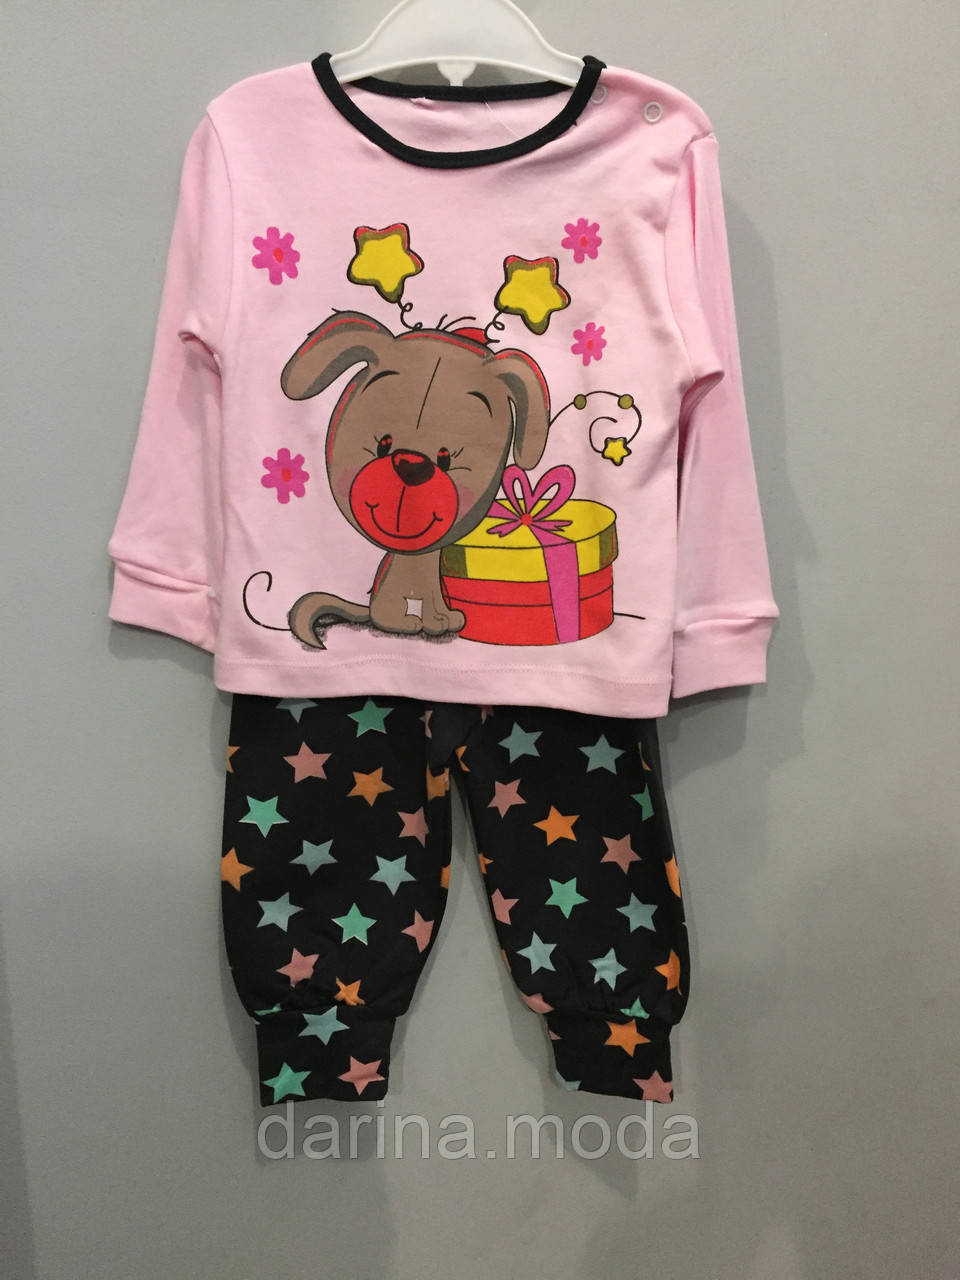 Трикотажный костюм с собачкой для девочки